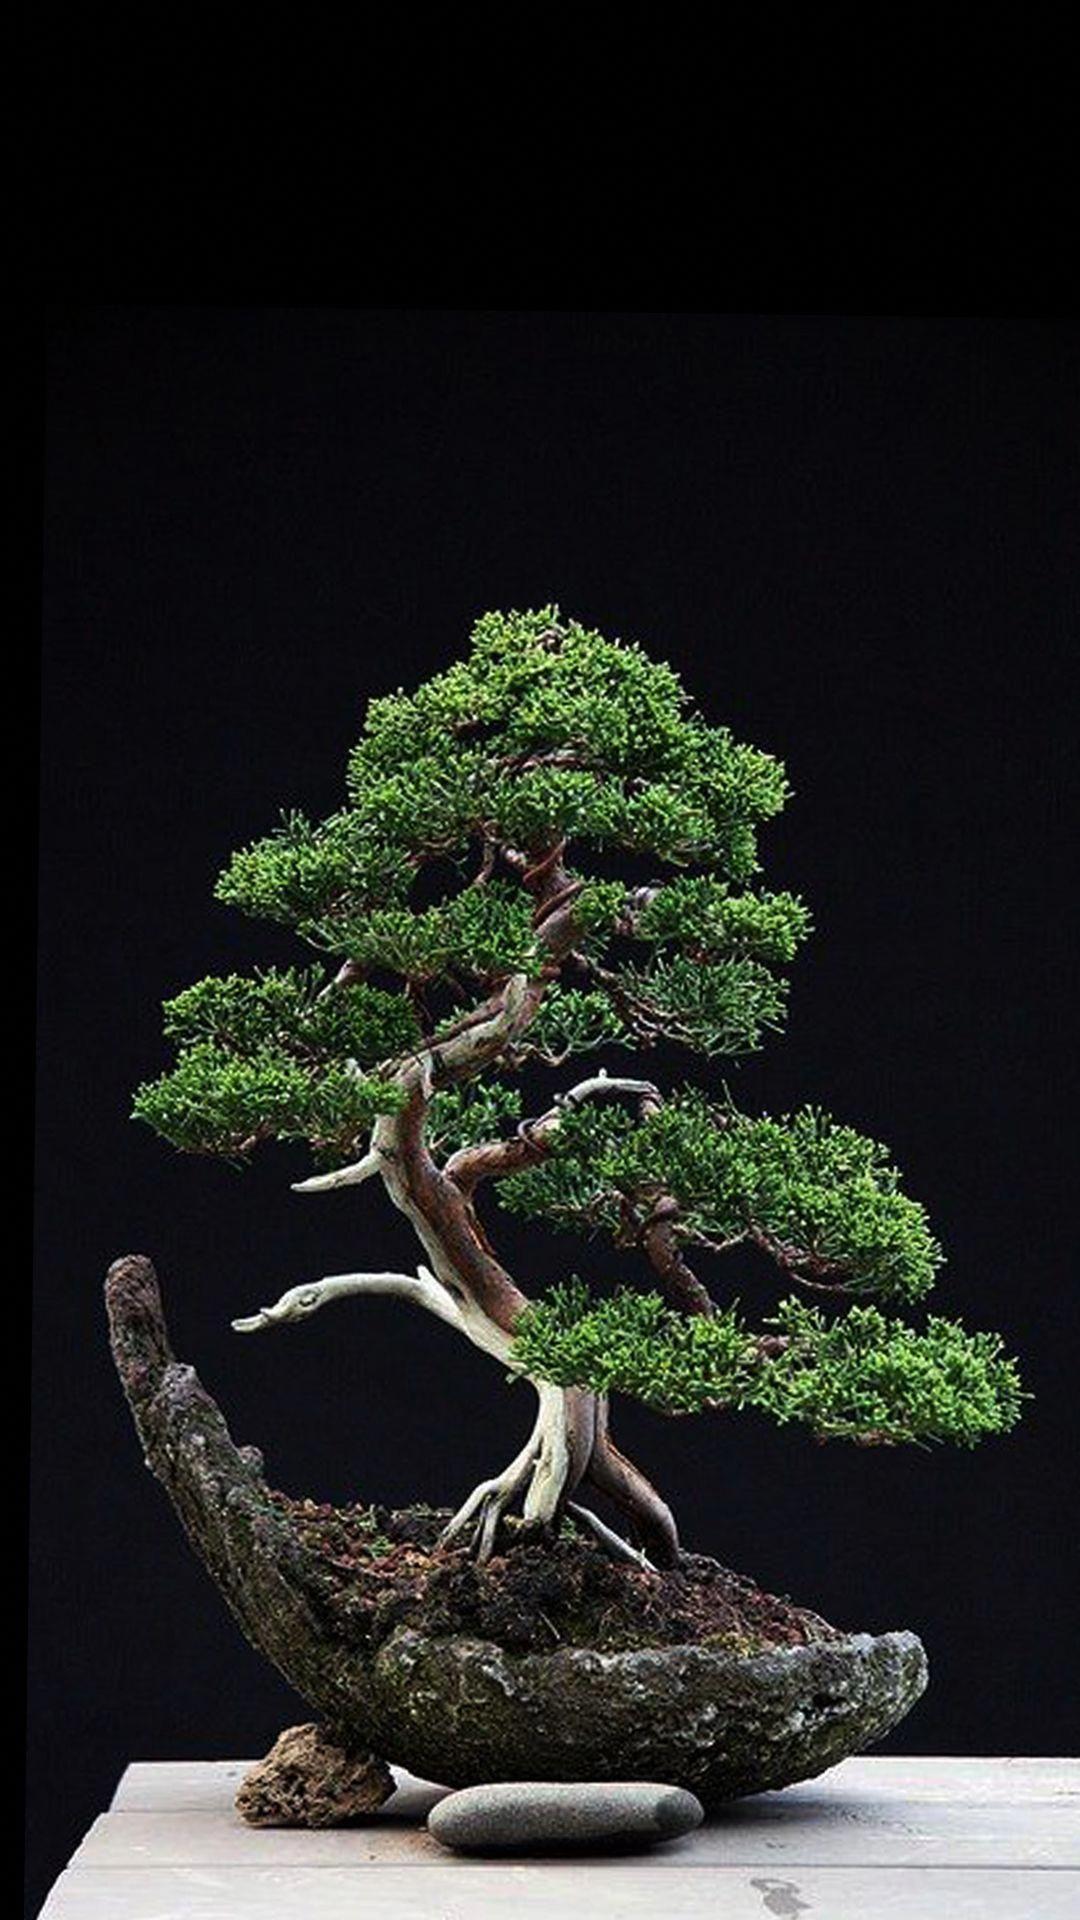 Bonsai Wallpaper : bonsai, wallpaper, Phone, Wallpaper, Zedge, Bonsai, #TypesofBonsaiTrees, Latar, Belakang